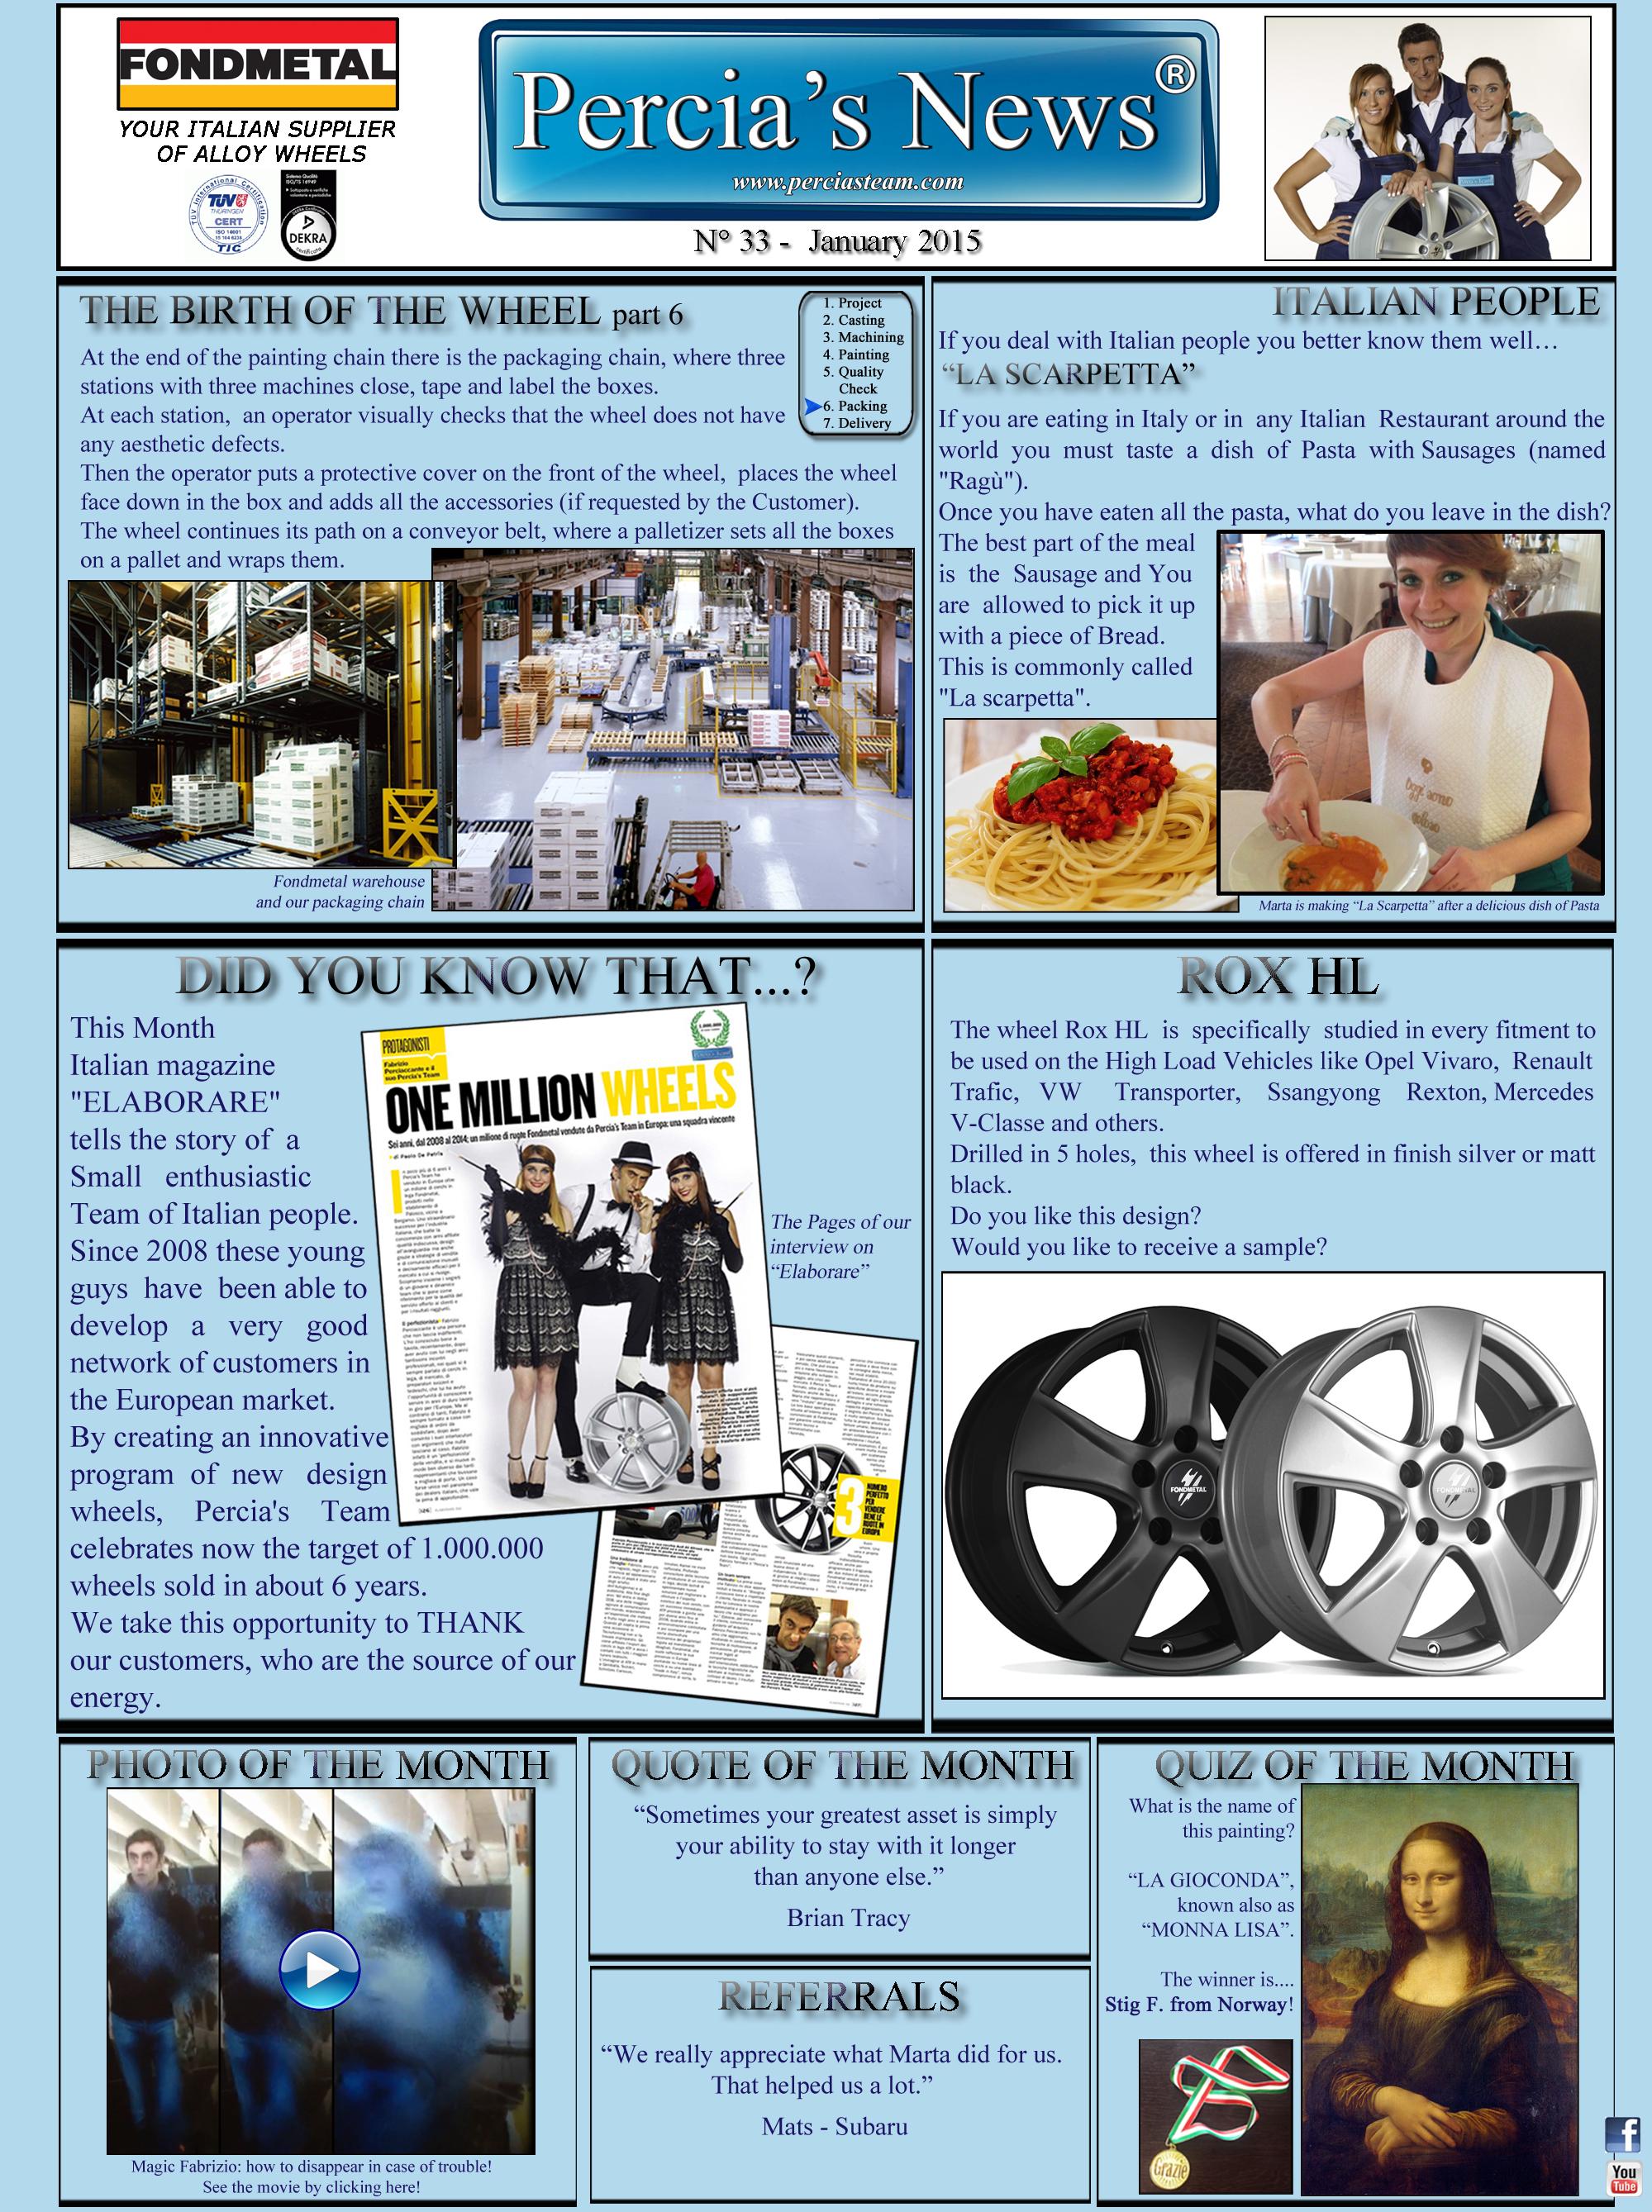 PERCIA'S NEWS - JANUARY 2015